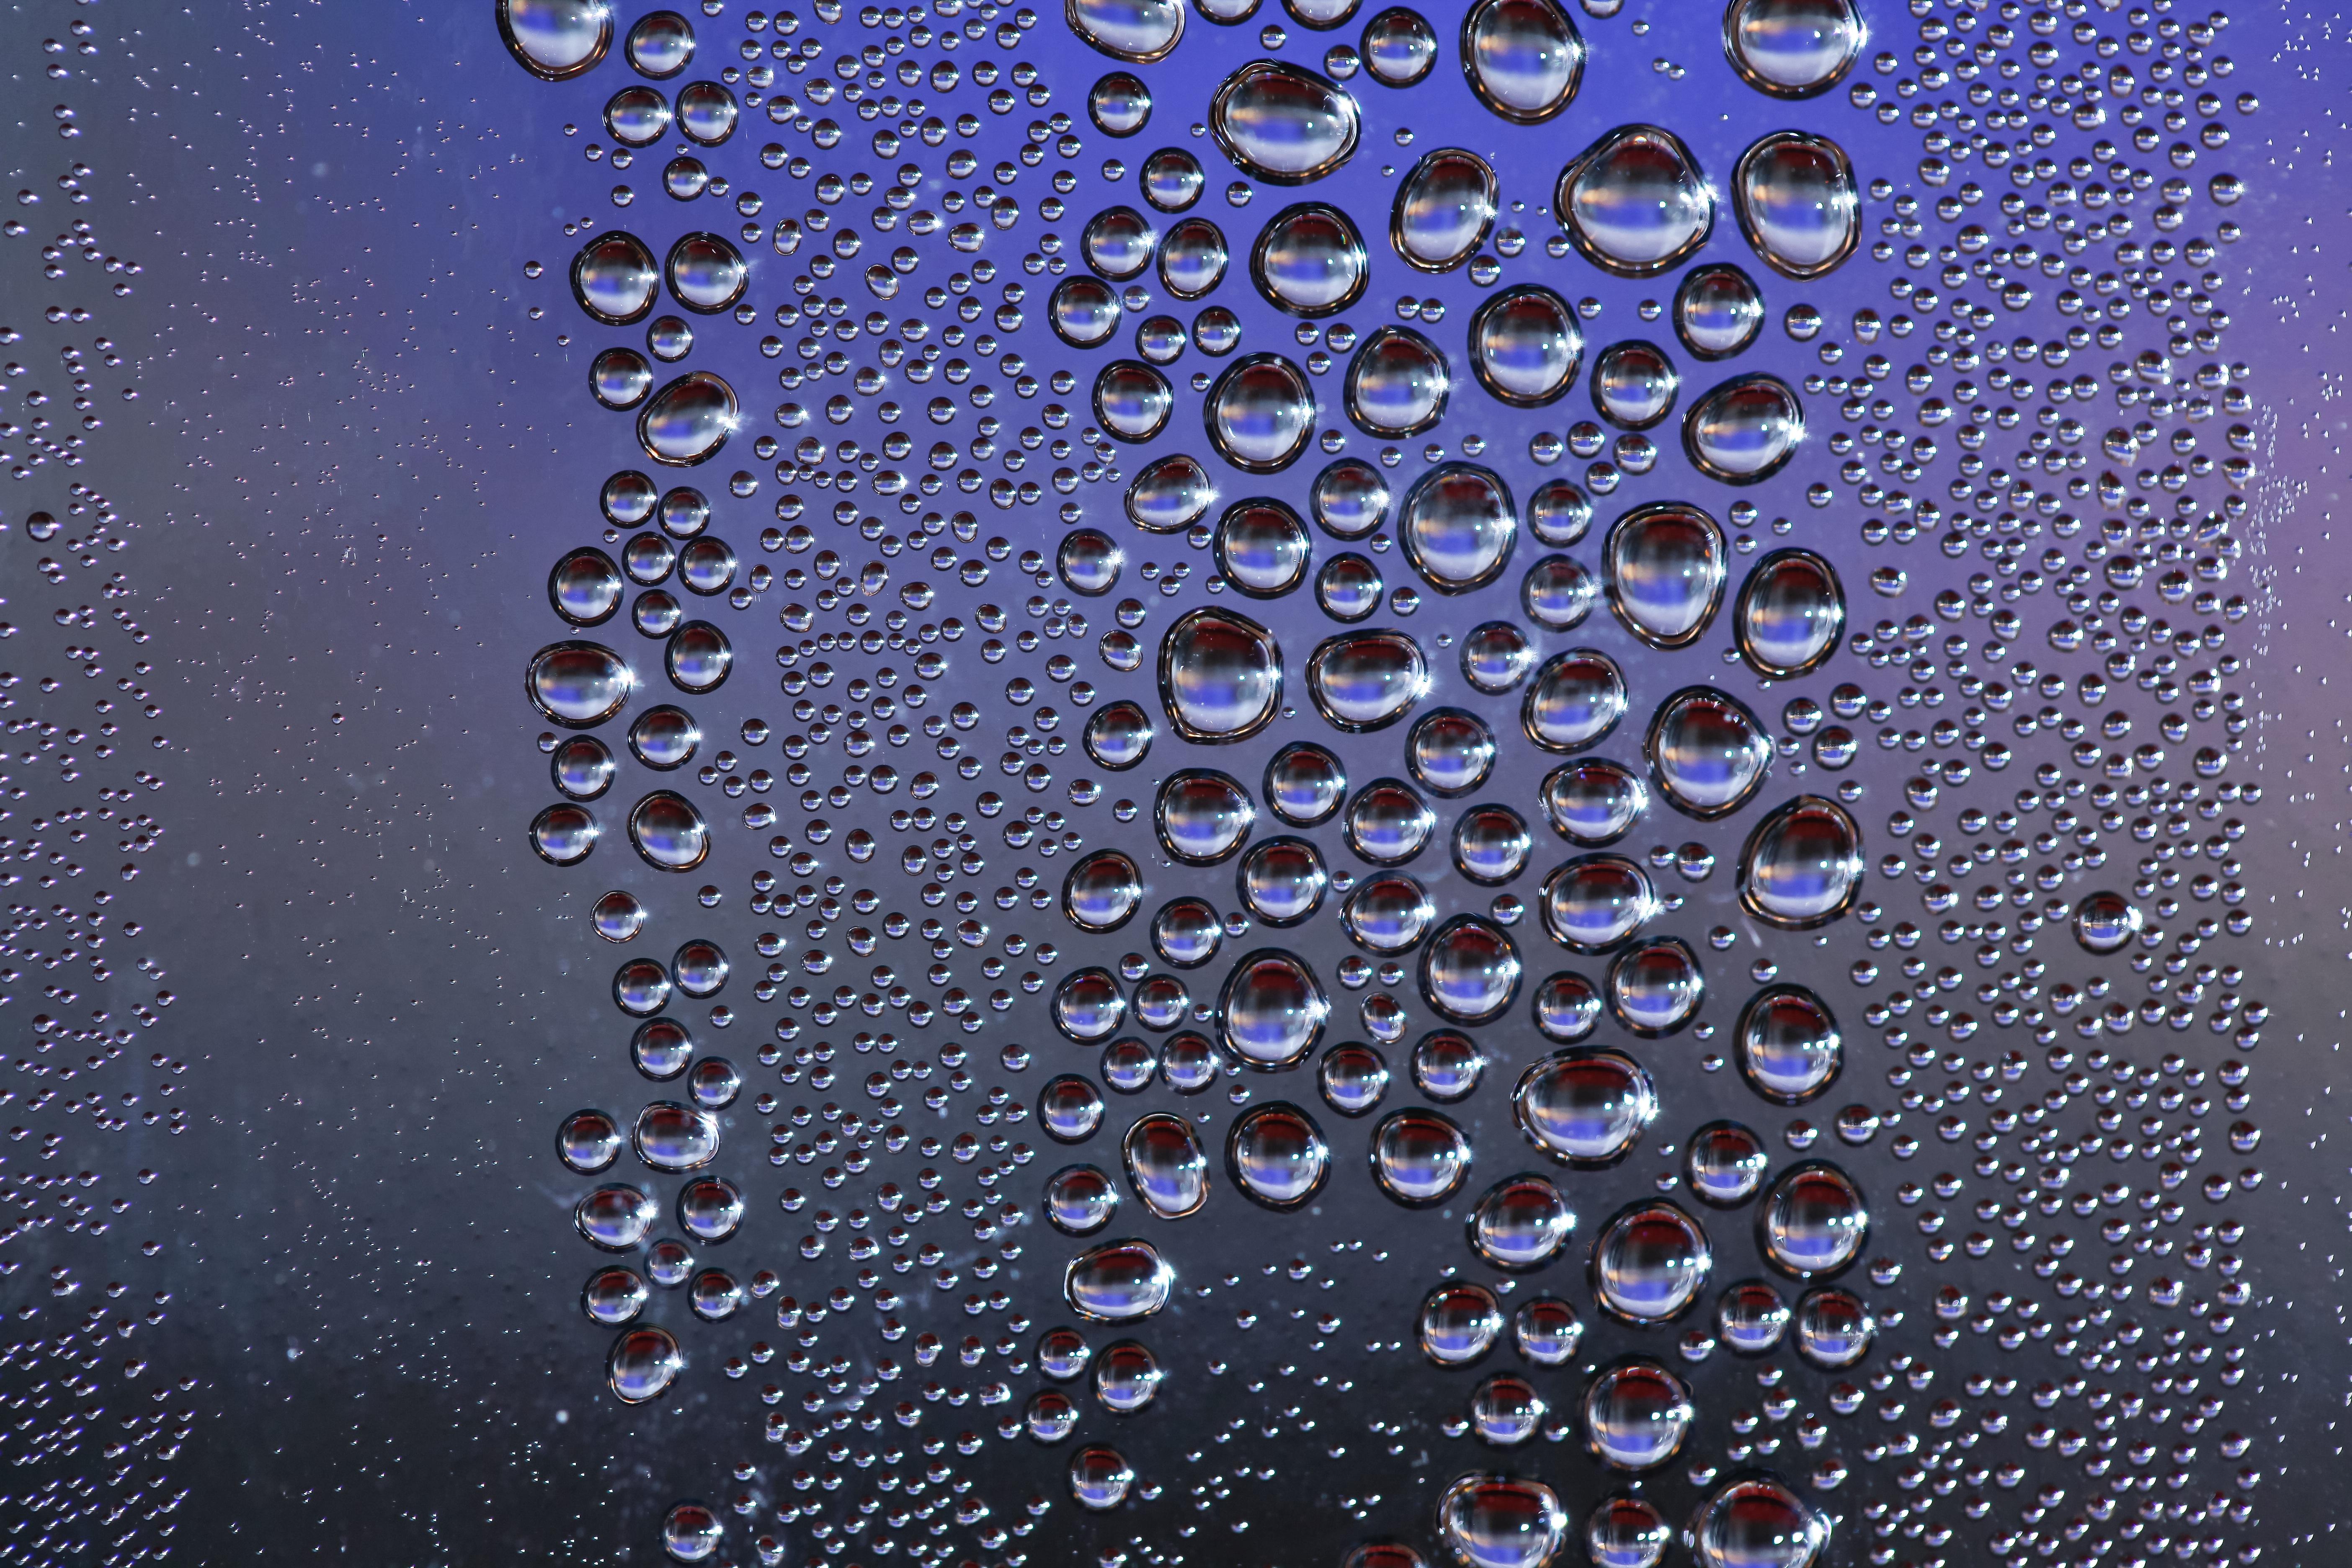 Картинки воды на стекле